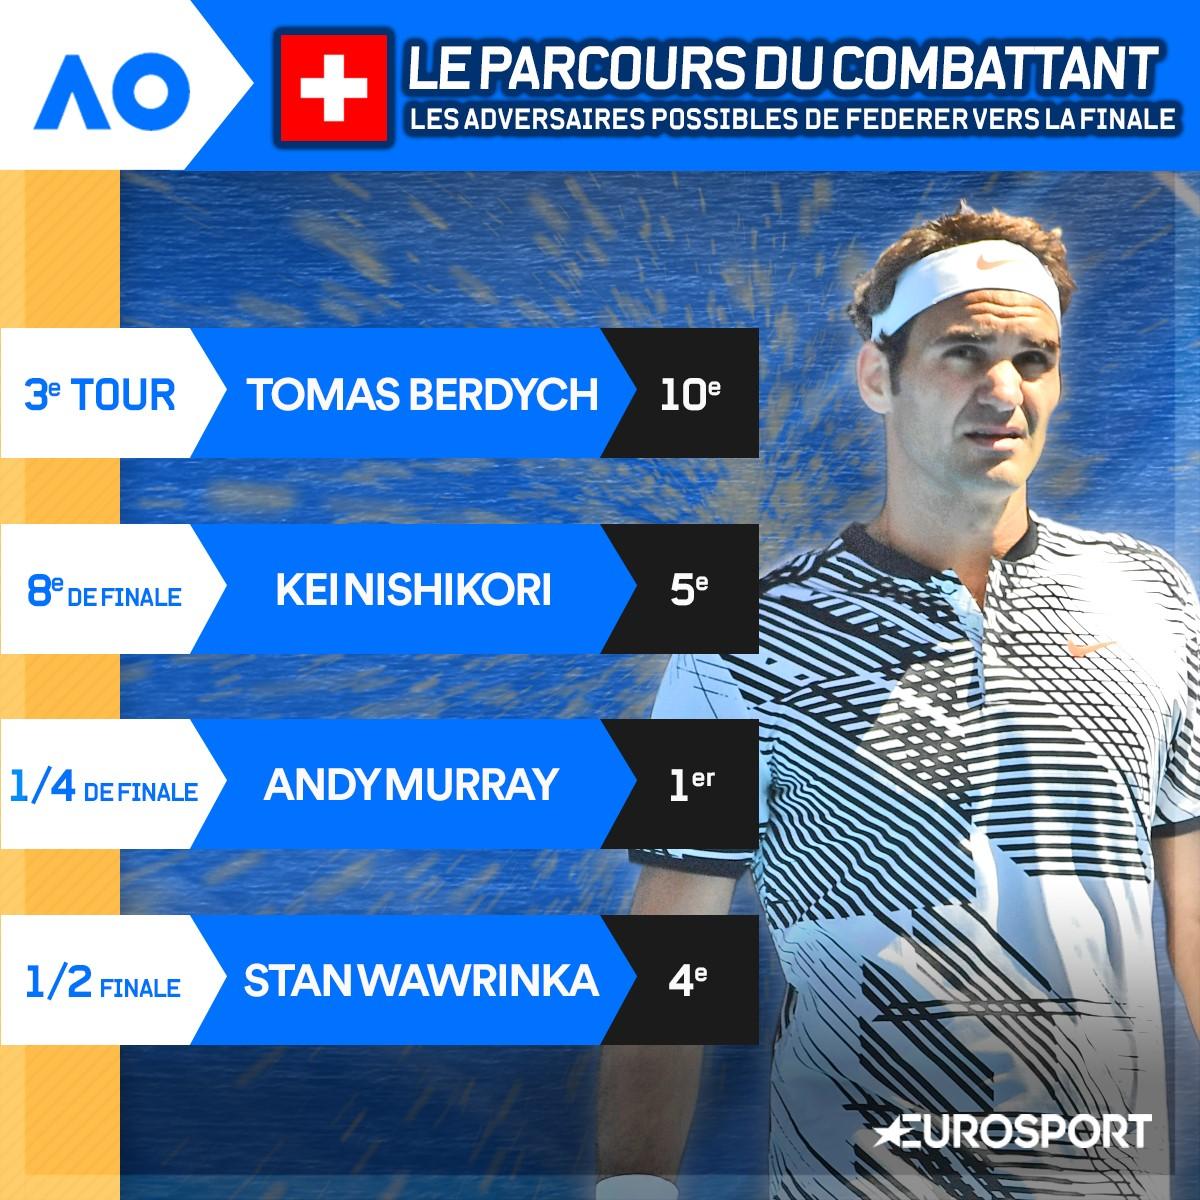 Le parcours du combattant de Federer ?